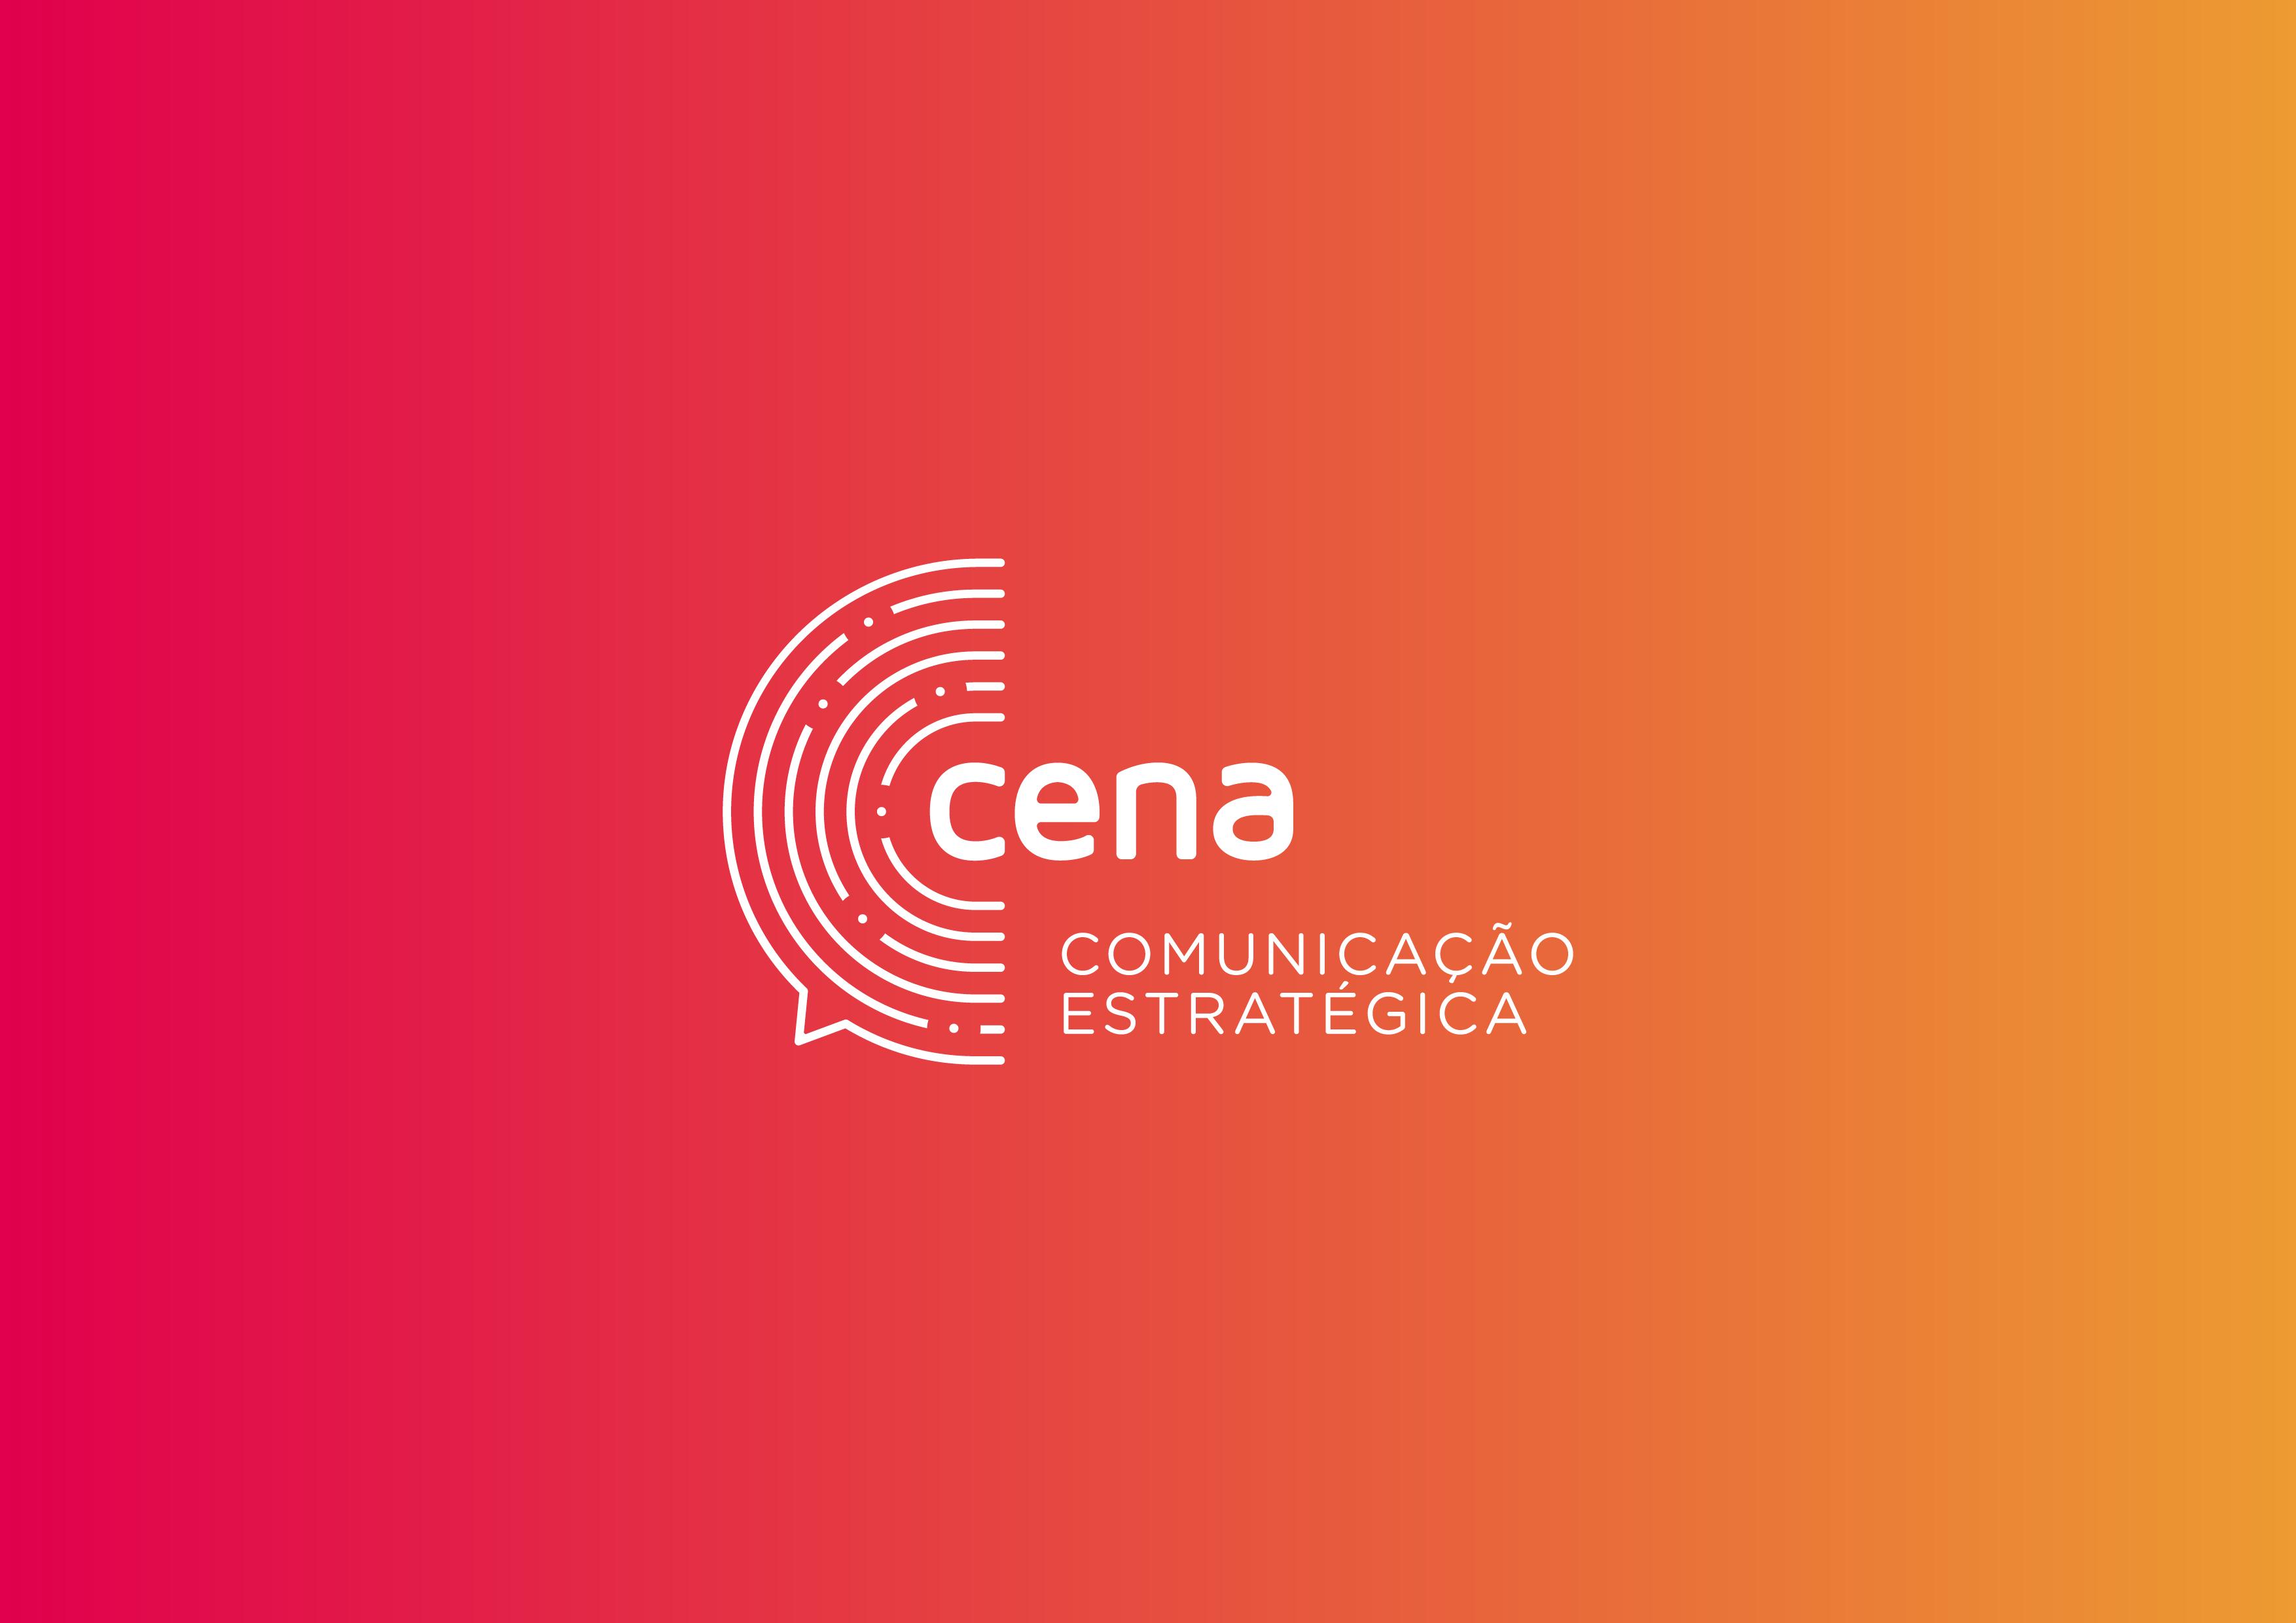 AF-CENA-MARCA-COLOR-VERSOES_NEGATIVAS-RGB-01